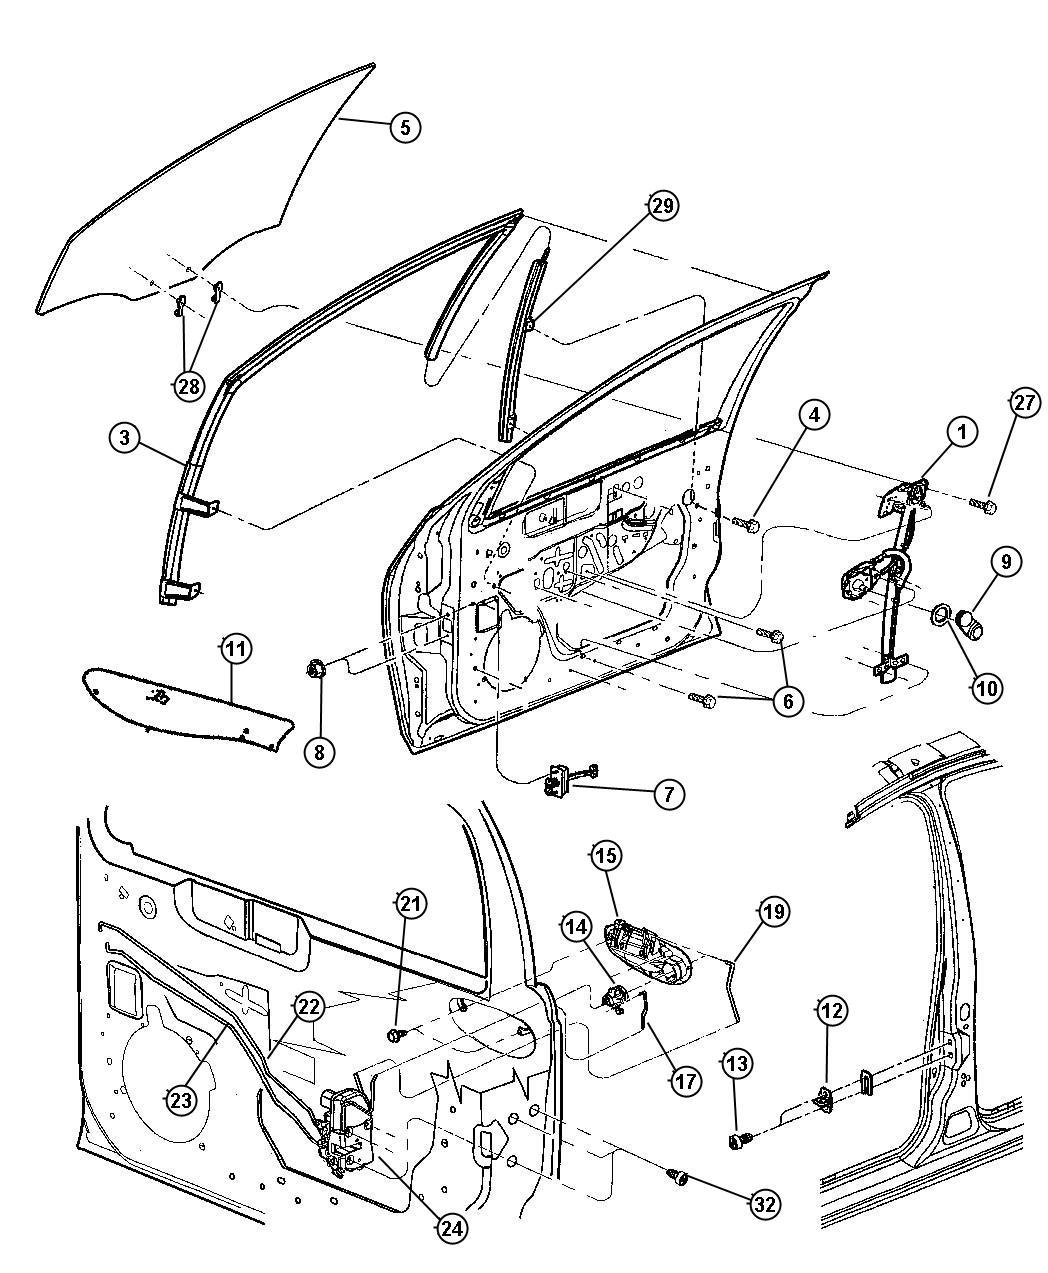 Service Manual Dodge Neon How To Replace Door Handel